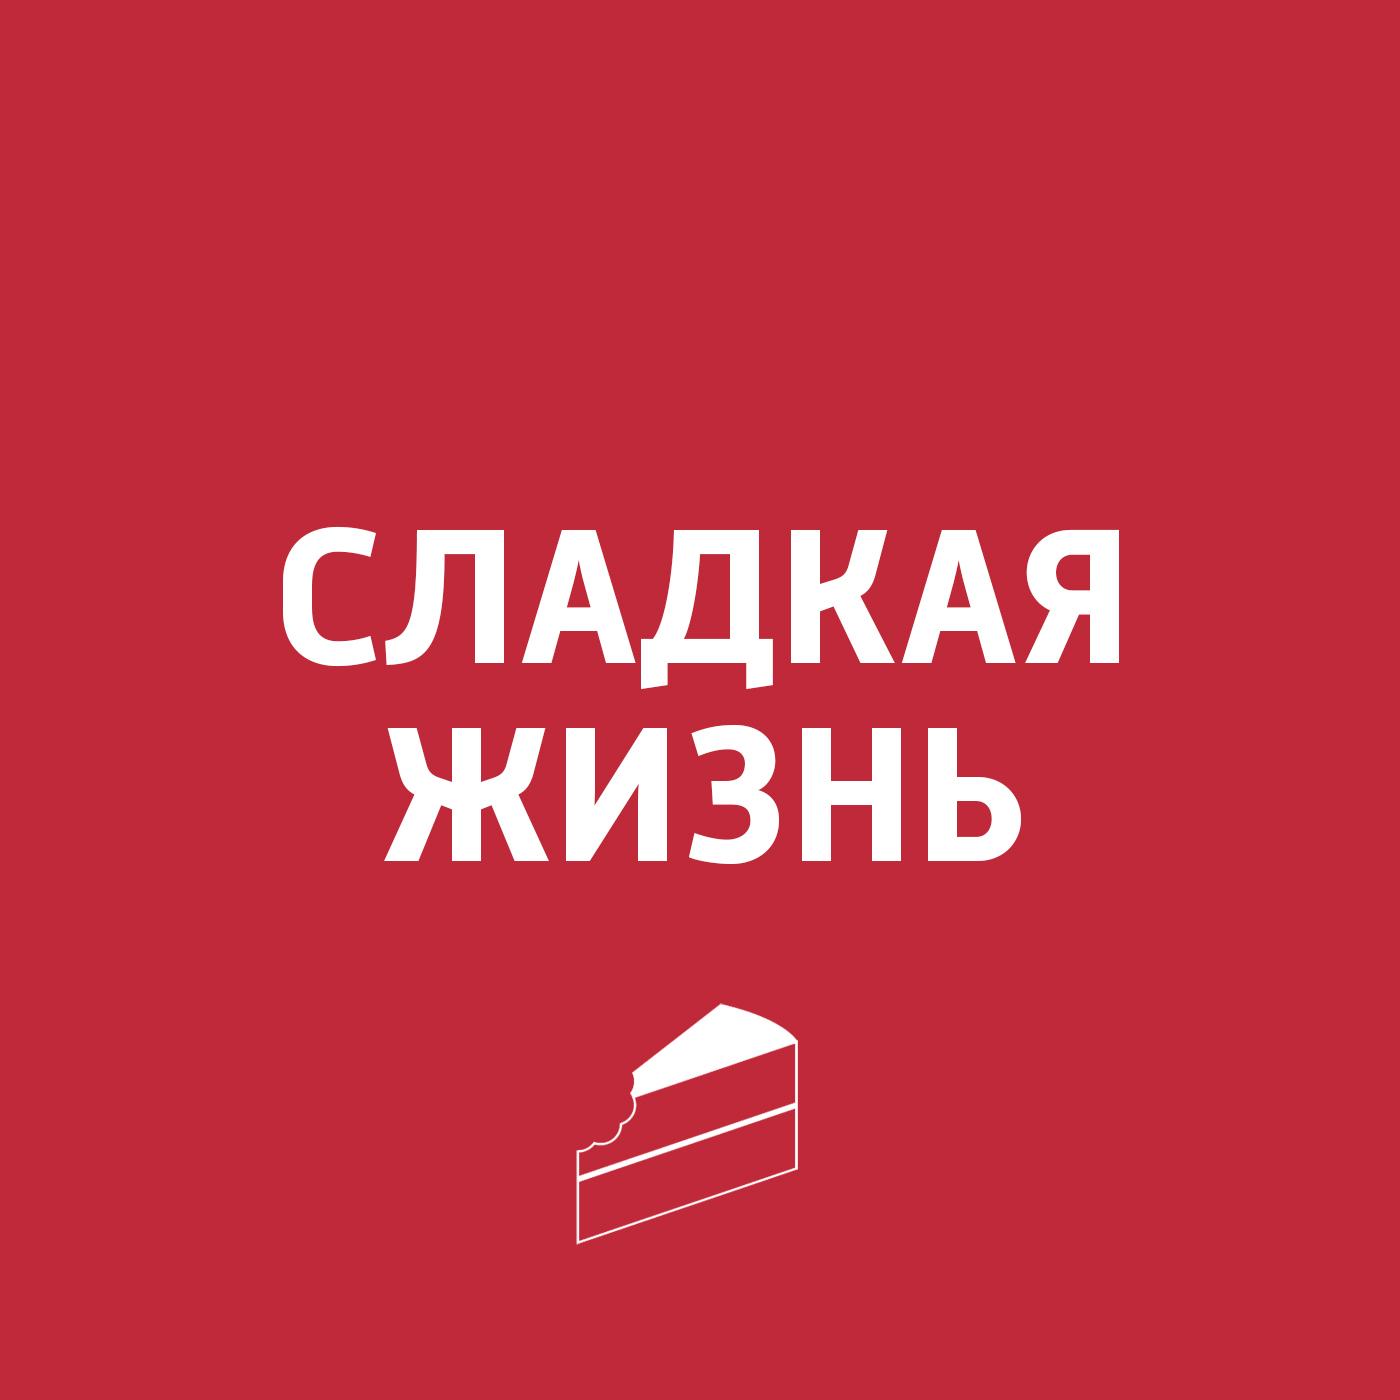 Картаев Павел Блины. Часть вторая блины и блинчики